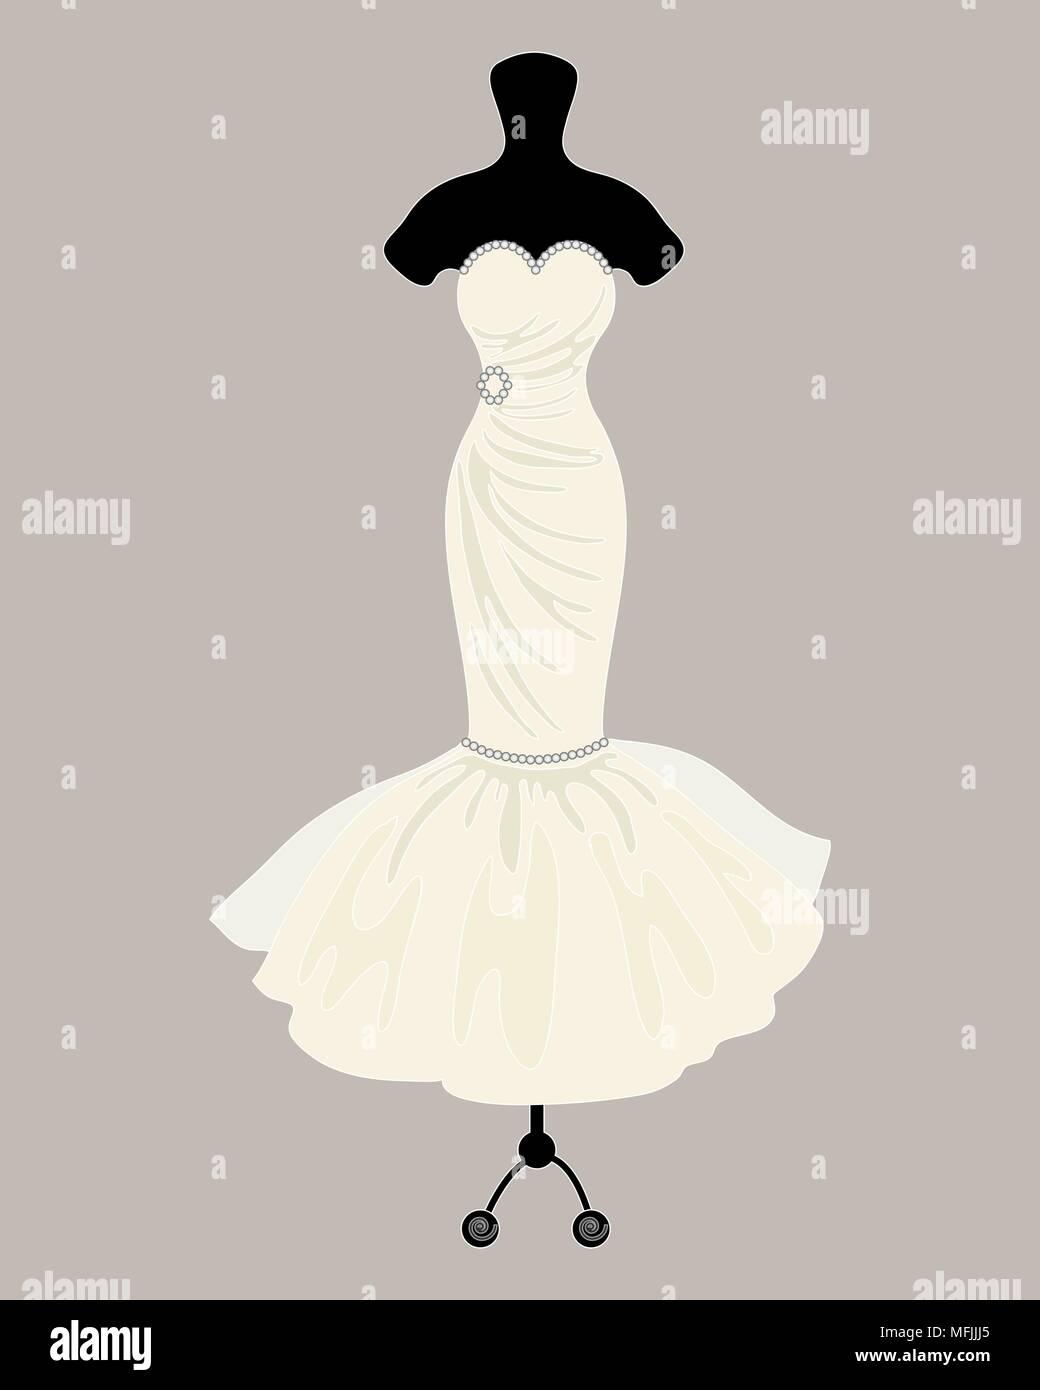 Una illustrazione vettoriale in formato eps 10 formato di un designer di Bellissimo abito da sposa in stile Mermaid su un negozio sarti ciuccio con sfondo grigio Immagini Stock